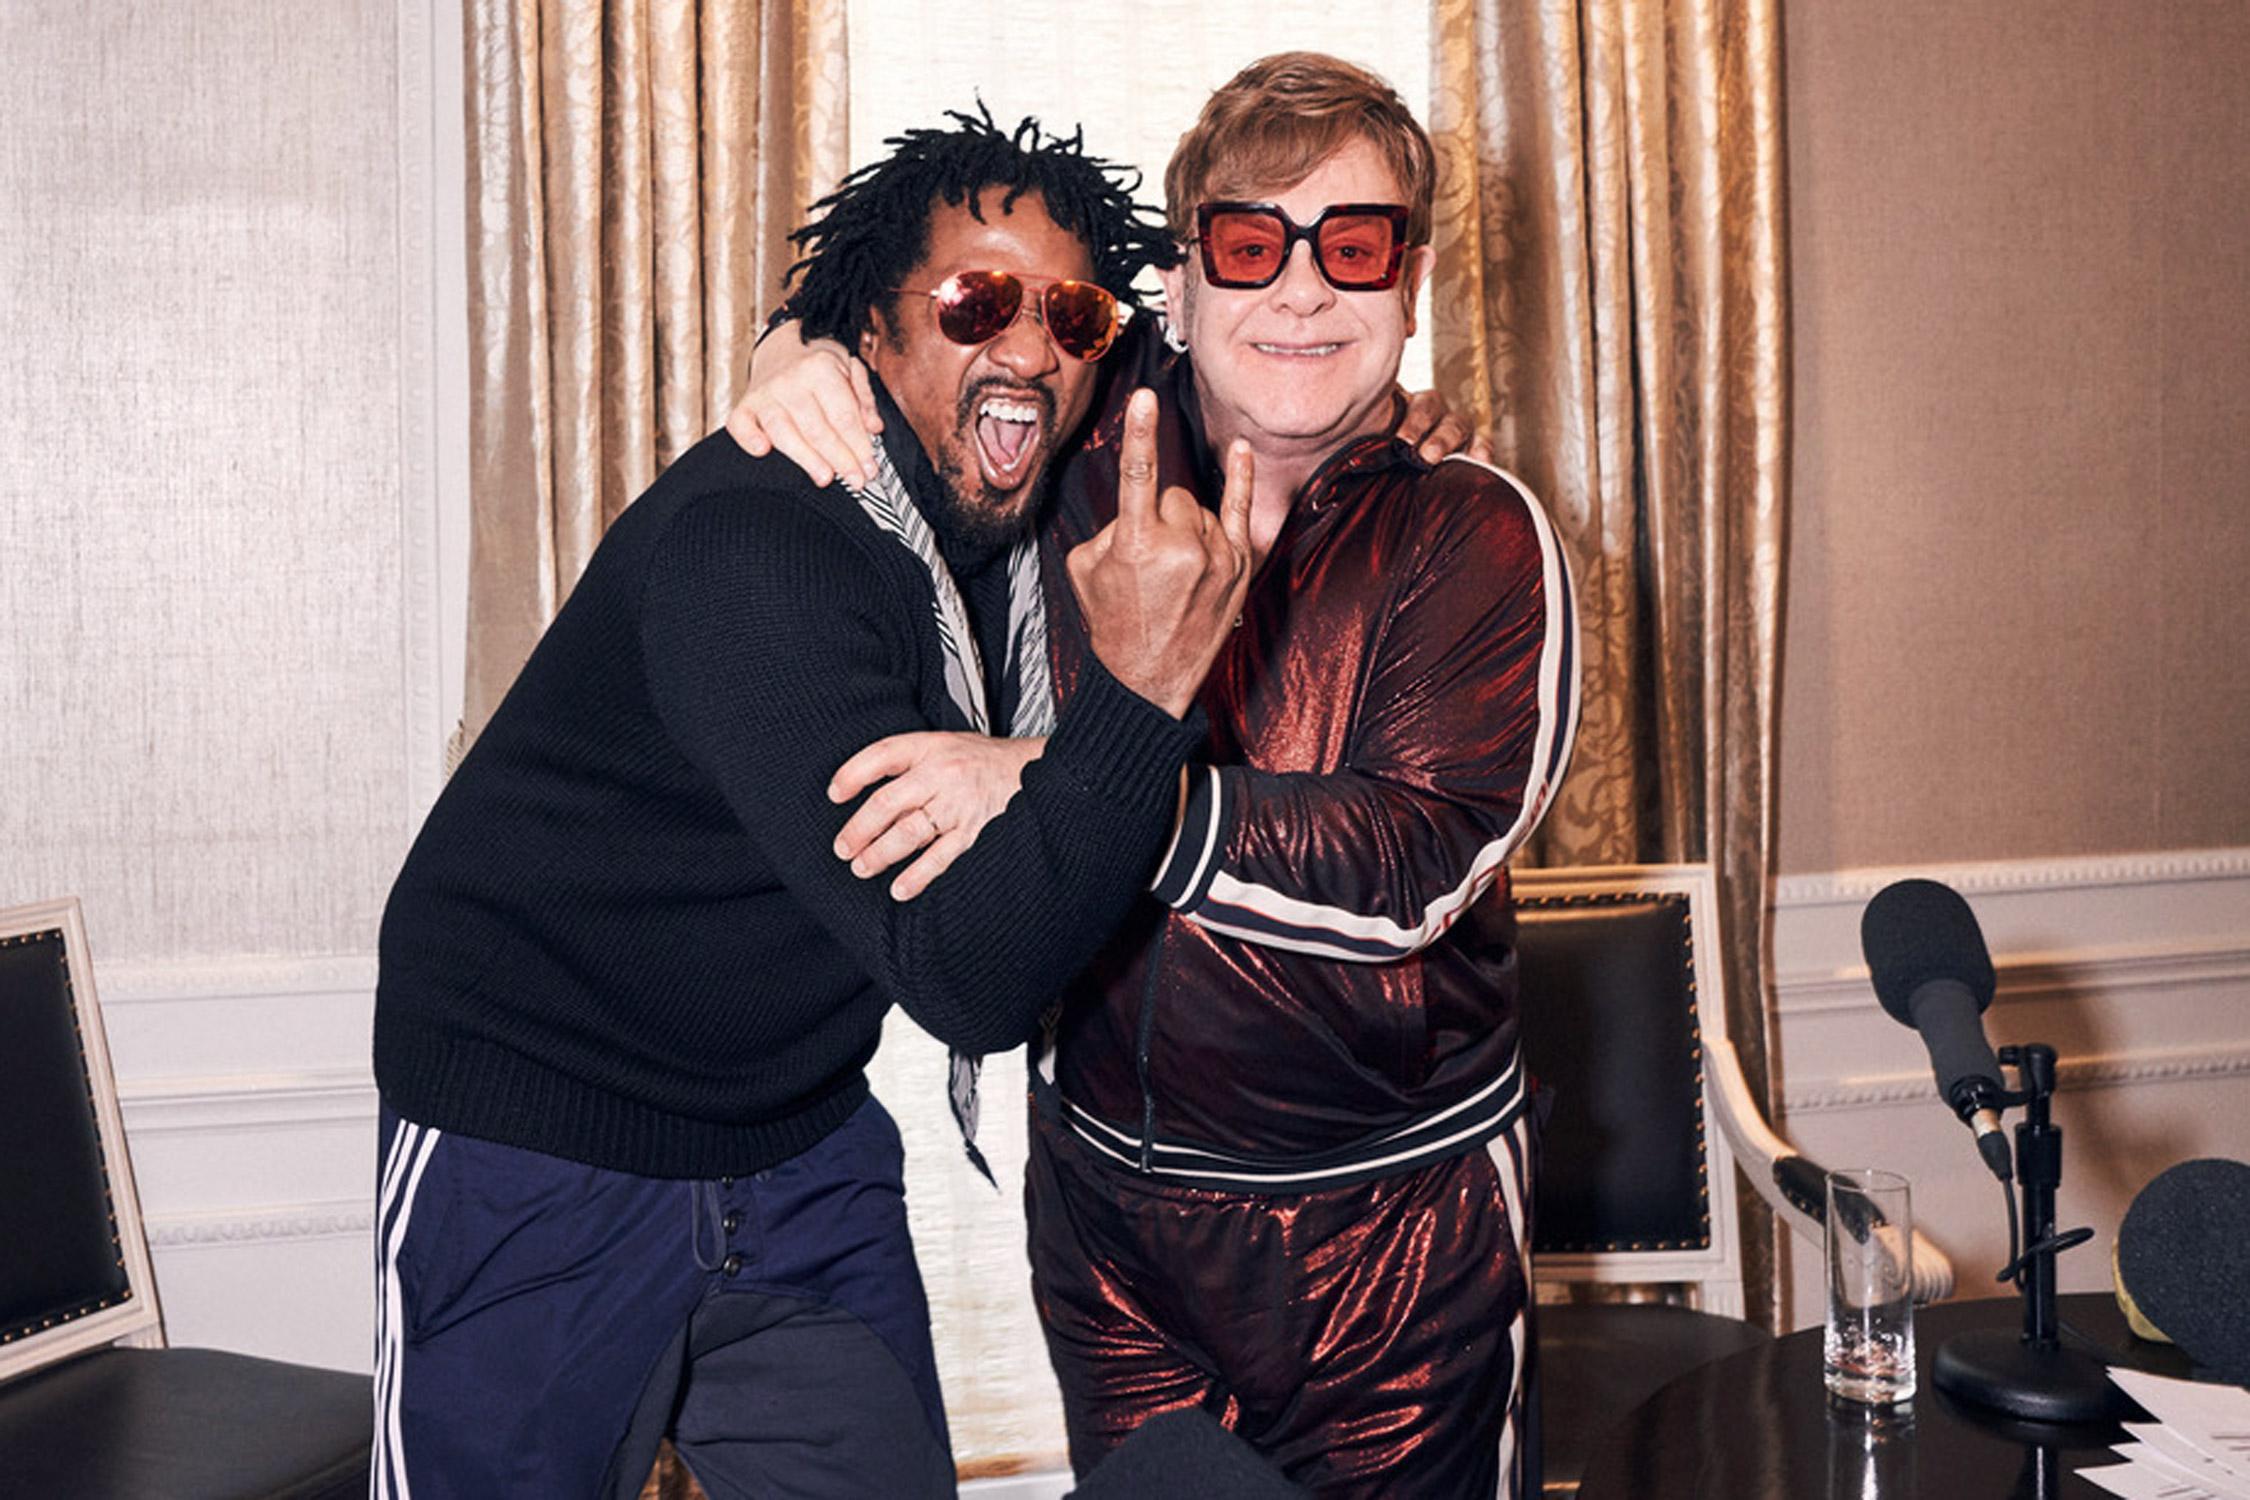 Elton John Is a Huge Tribe Called Quest Fan